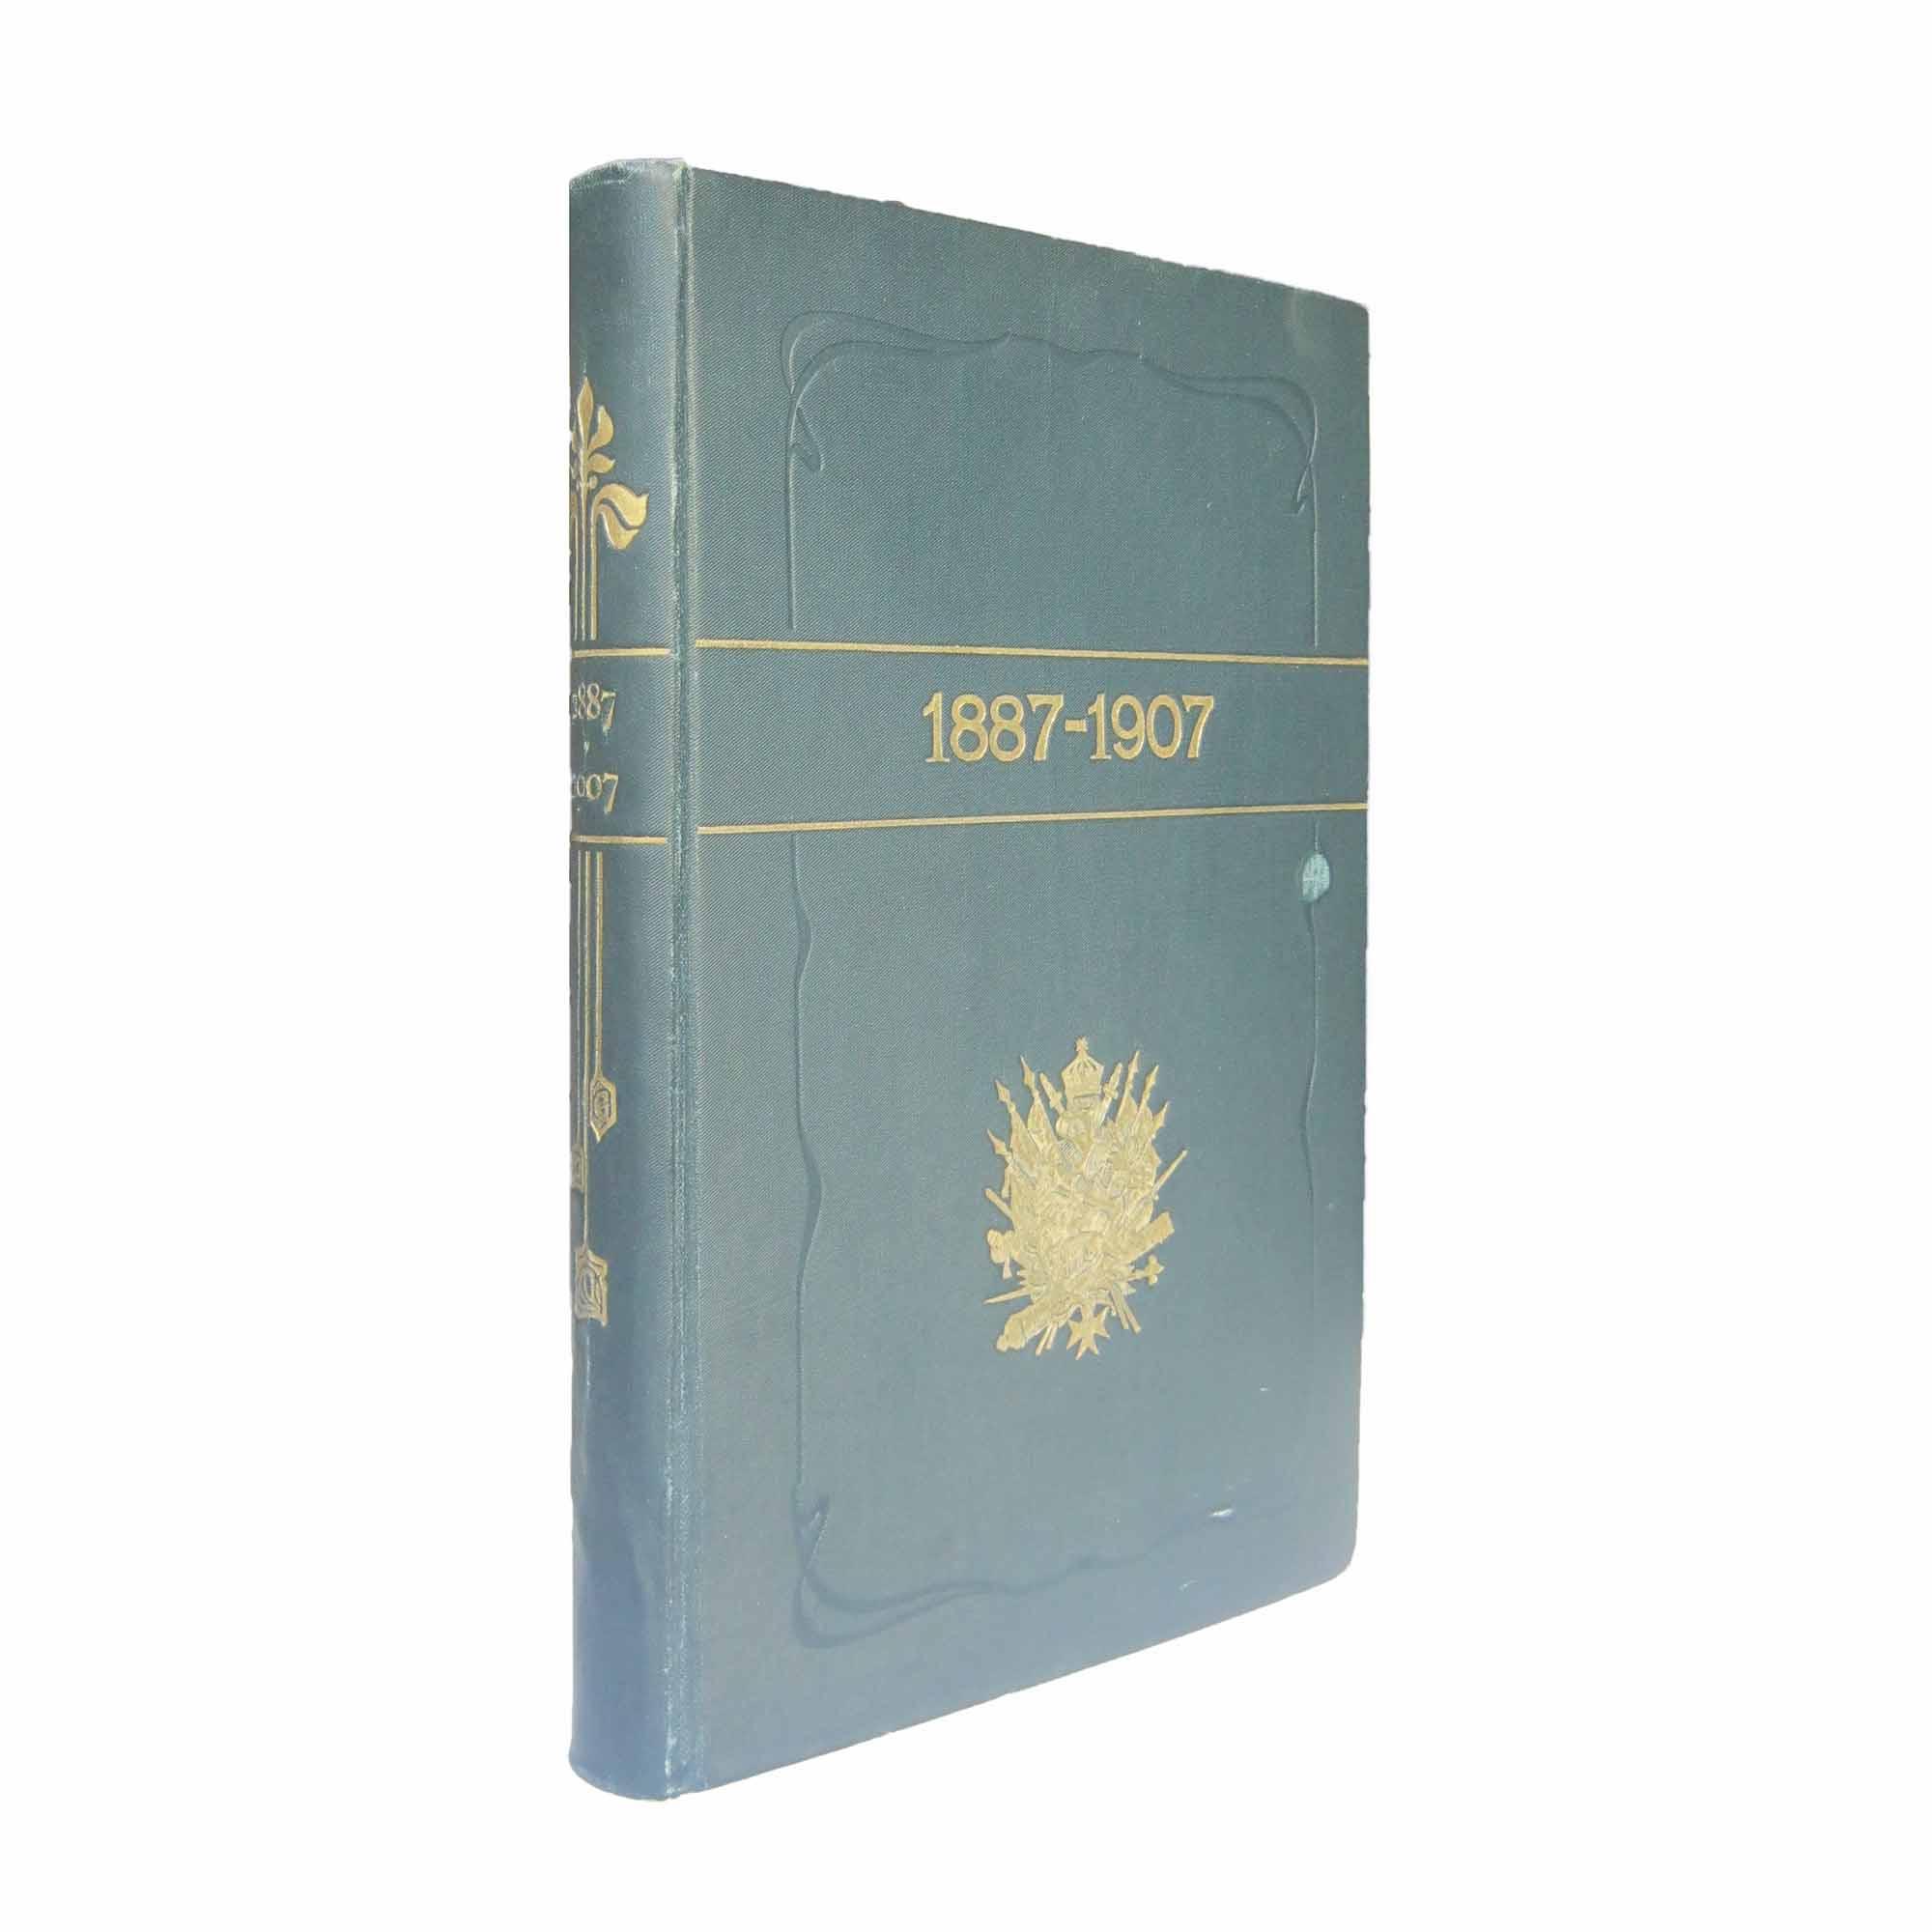 5462-Balgarskata-Armiya-1907-Cover-1-frei-A-N.jpg